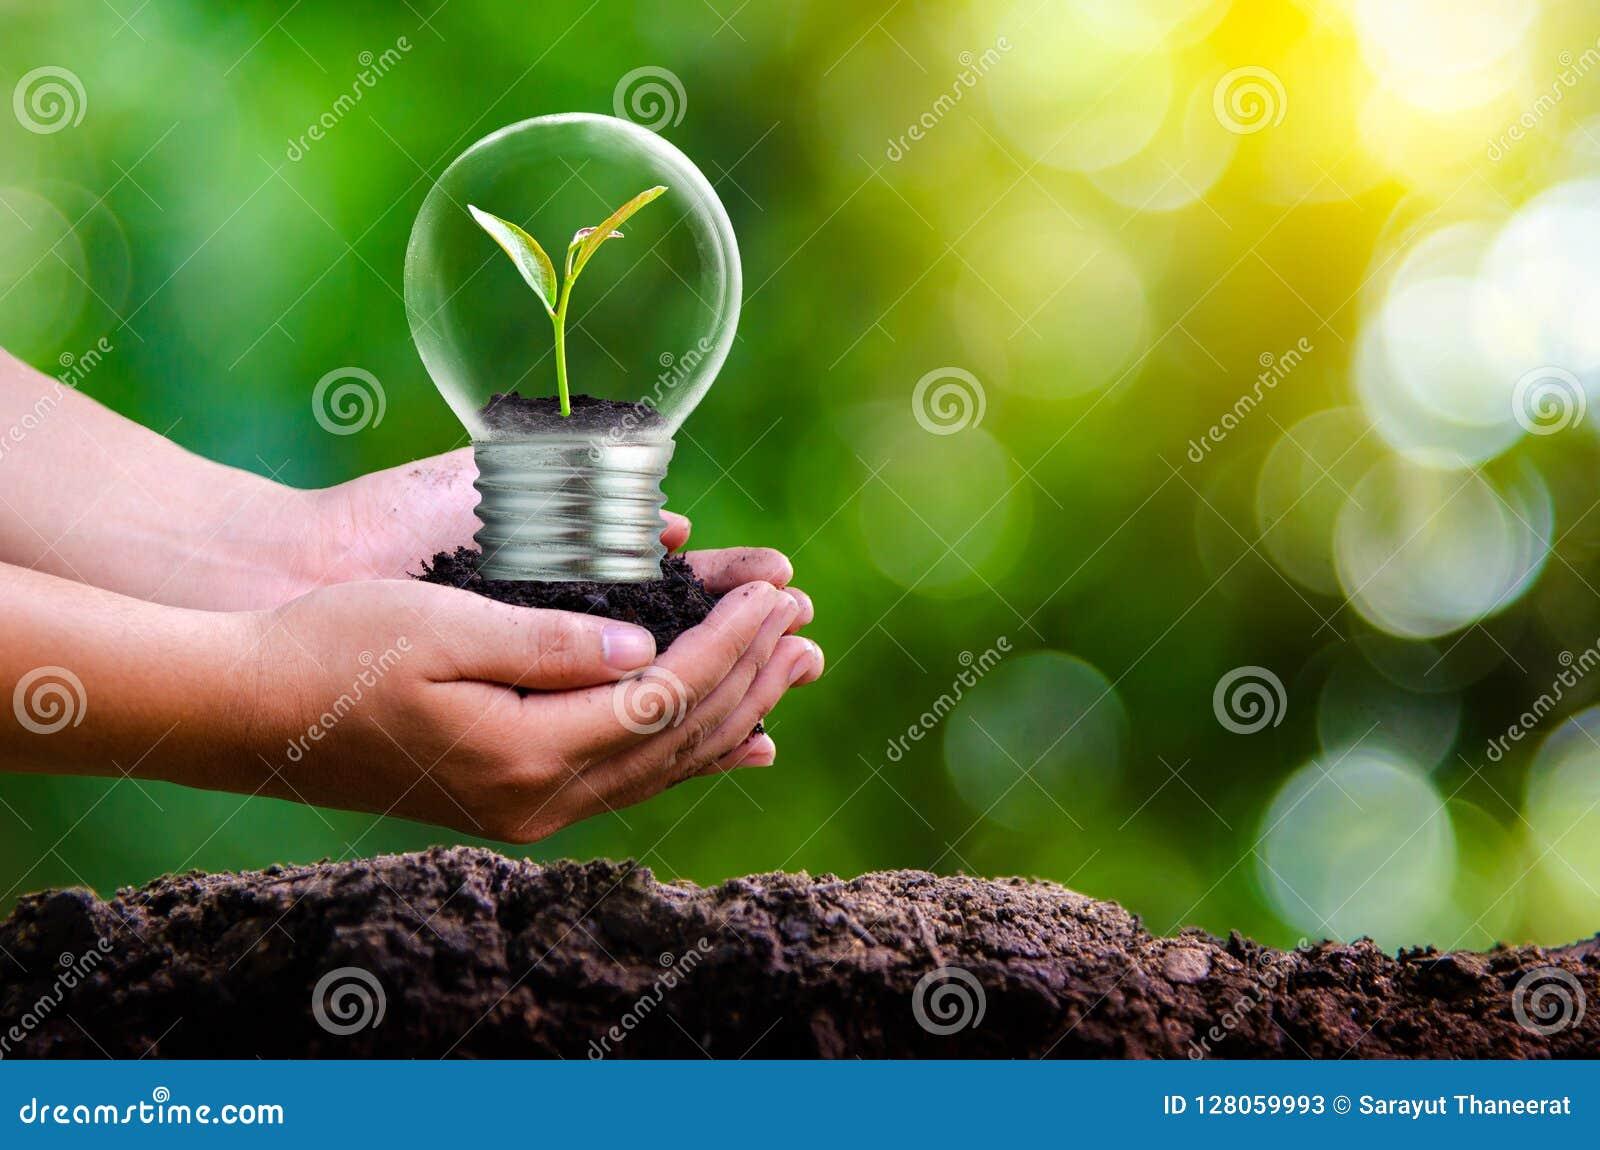 Der Wald und die Bäume sind im Licht Konzepte der Klimaerhaltung und der globalen Erwärmung pflanzen wachsendes inneres Lampe bul